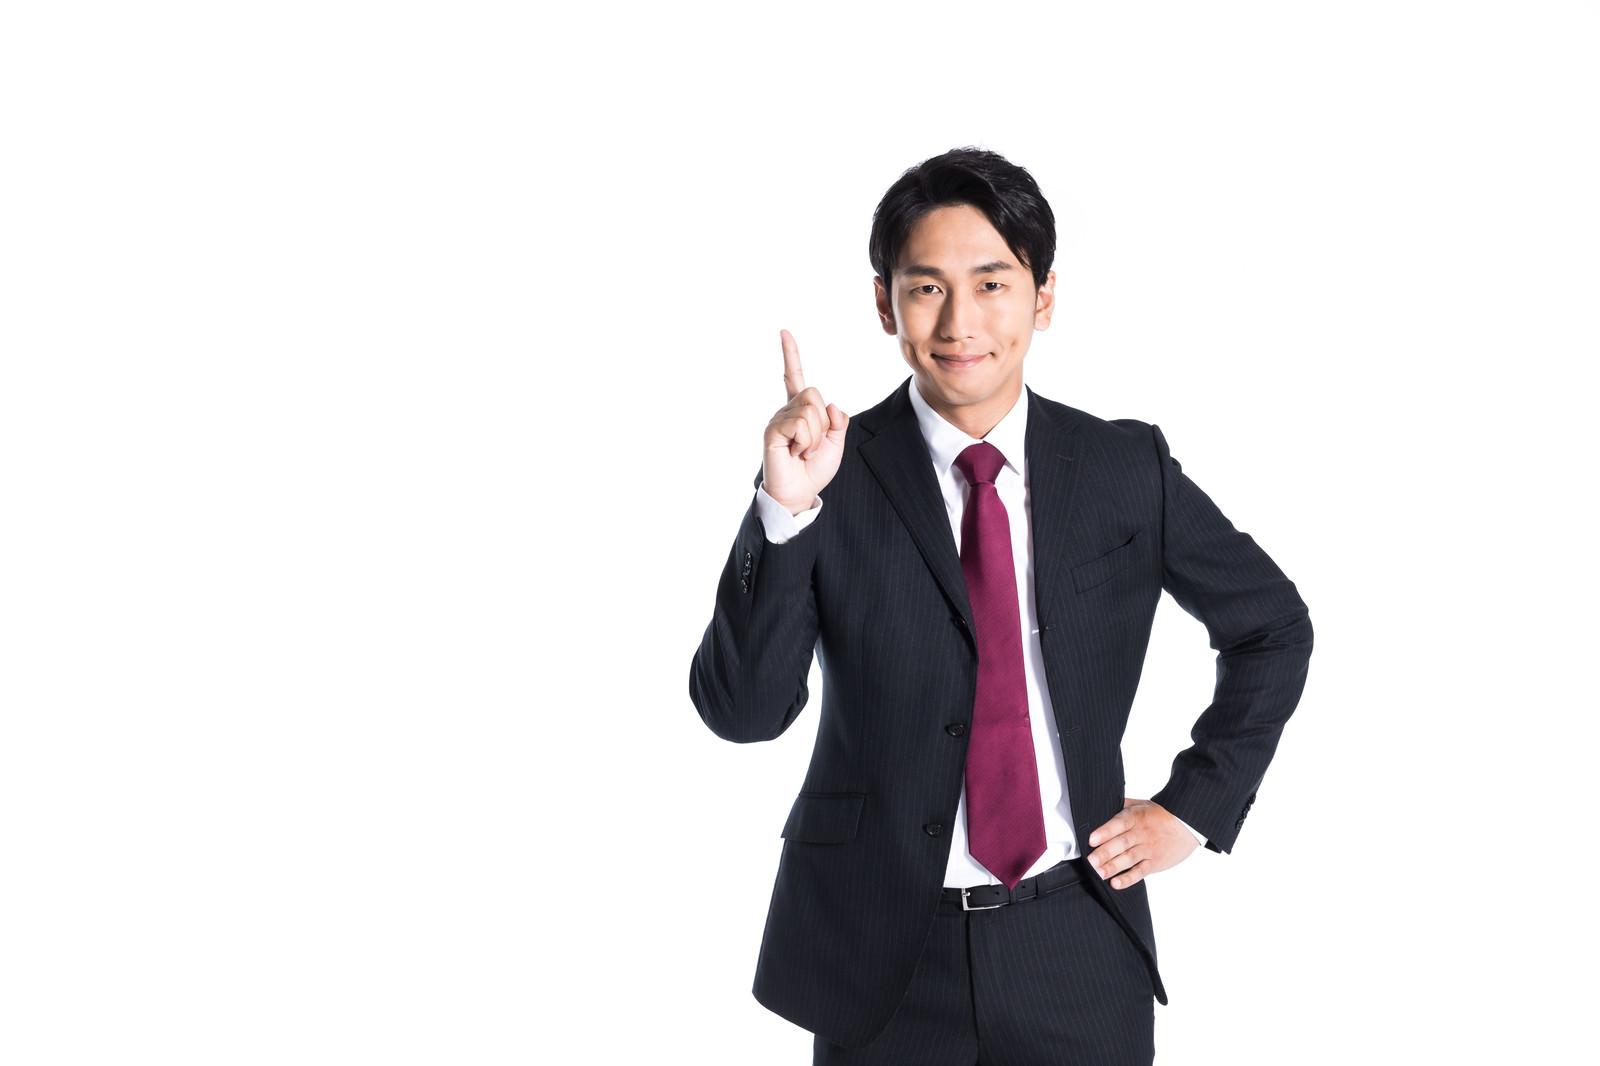 「営業成績ナンバーワンのビジネスマン | 写真の無料素材・フリー素材 - ぱくたそ」の写真[モデル:大川竜弥]